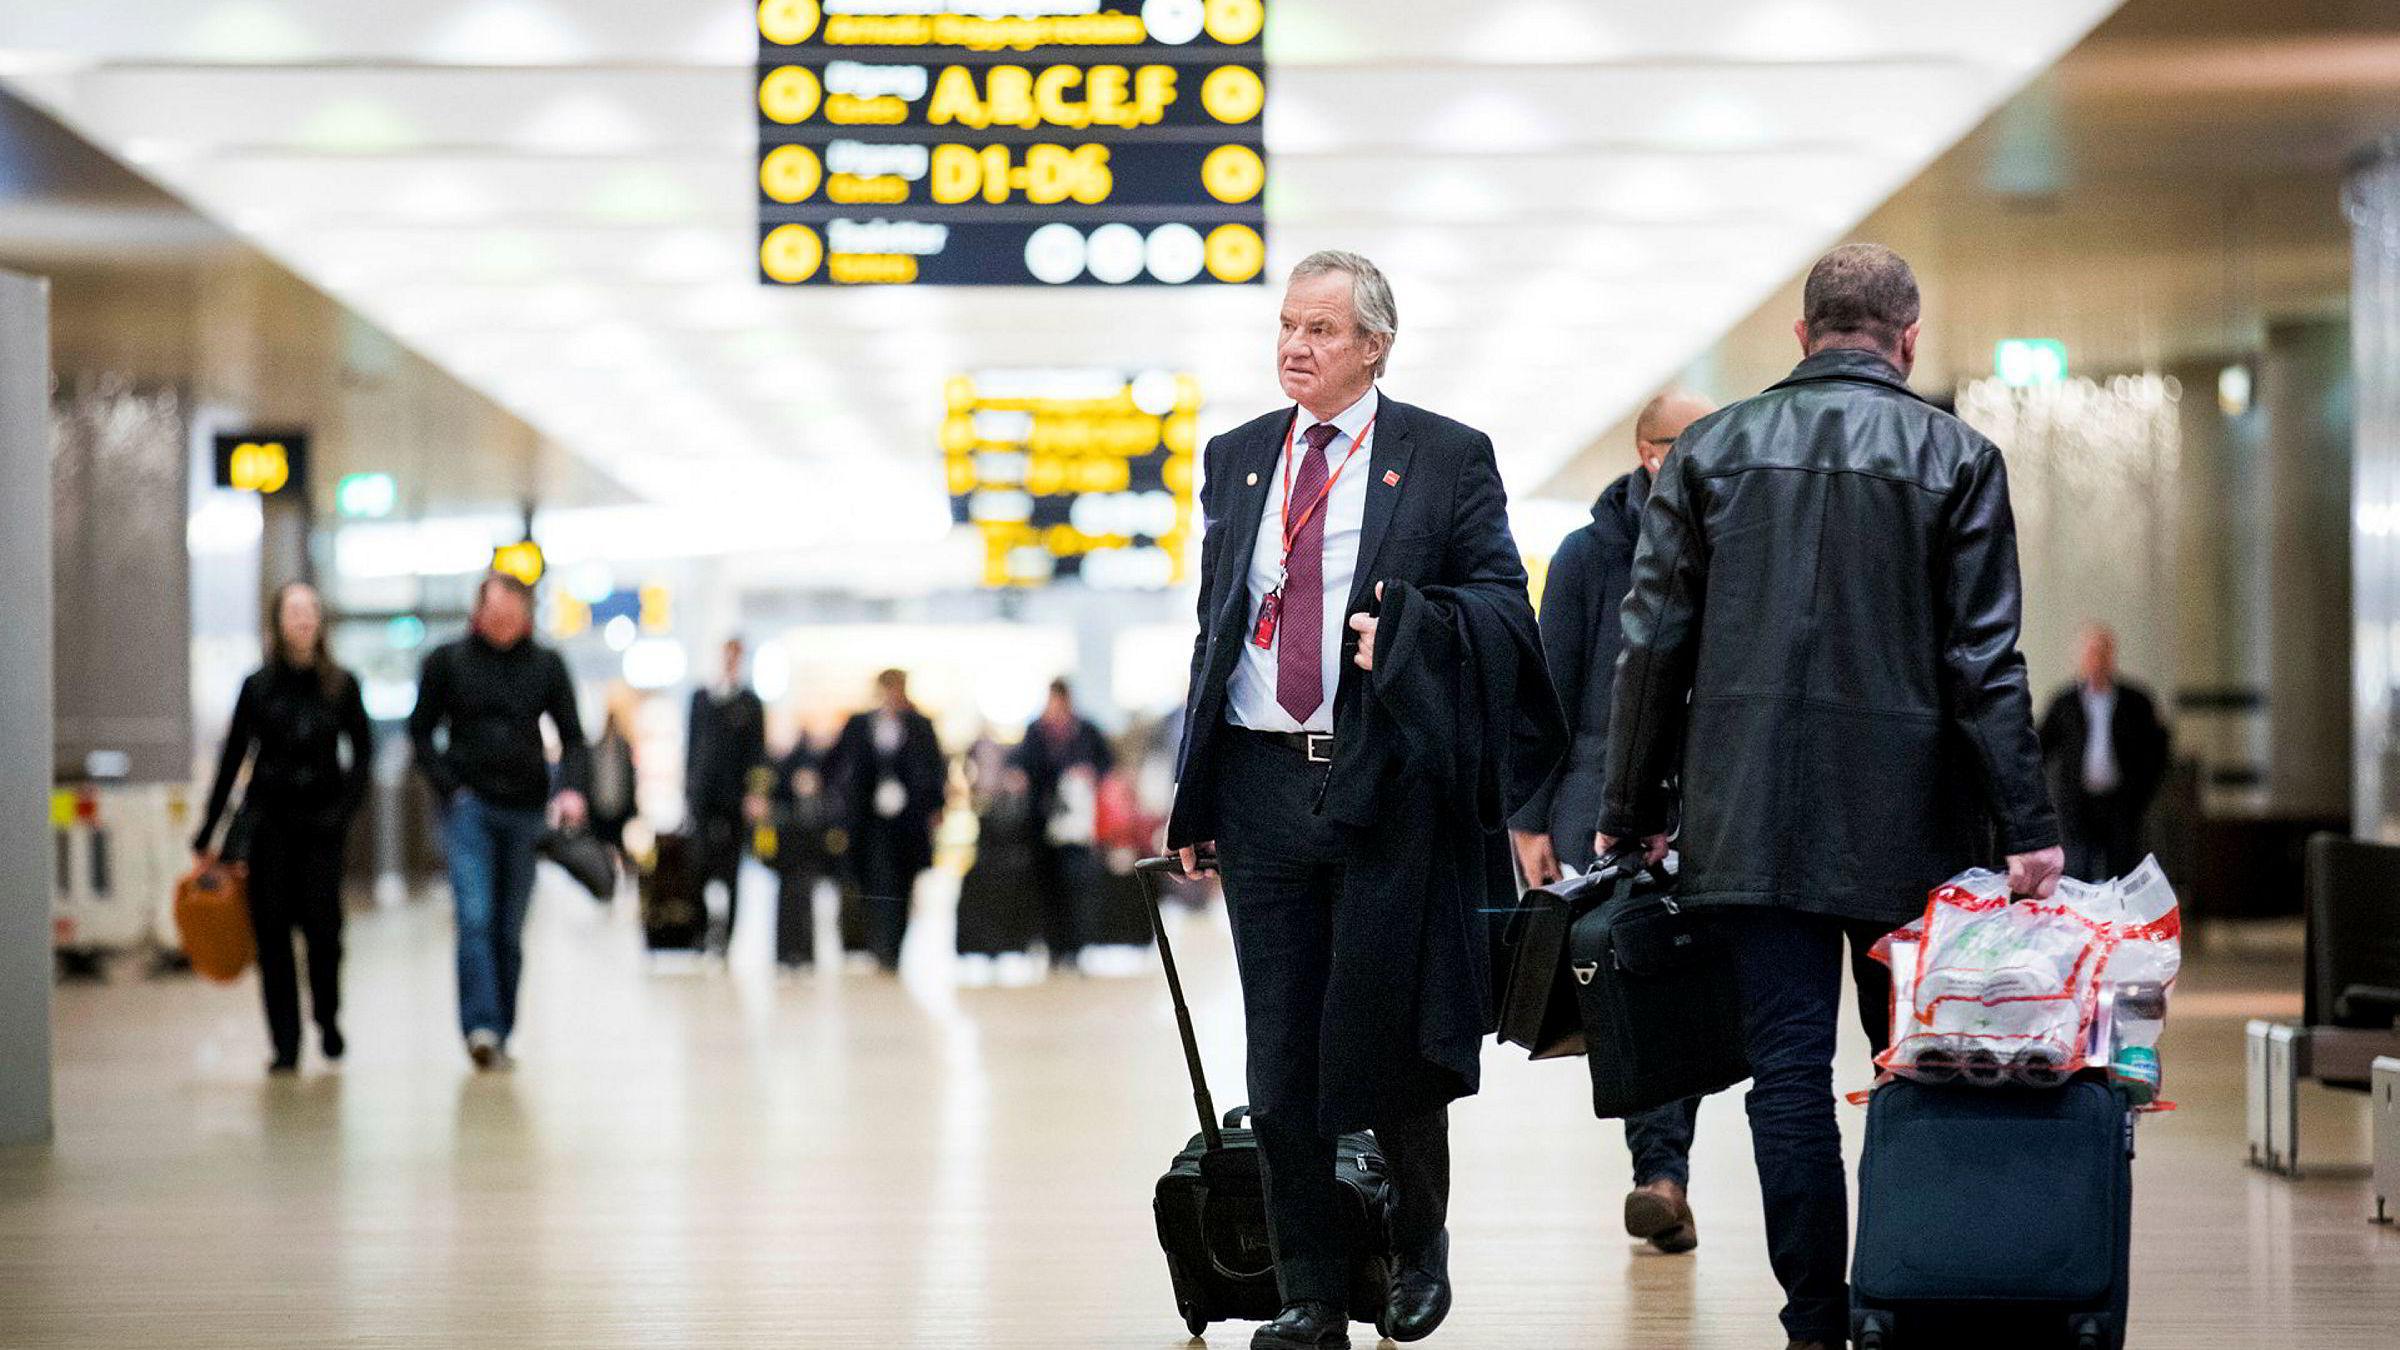 Norwegian-sjef Bjørn Kjos kan endelig ta i bruk den nye delen av Oslo lufthavn, men har langt større visjoner. Han mener Norge kunne laget et knutepunkt for trafikken mellom Asia og Nord-Amerika, via Oslo.